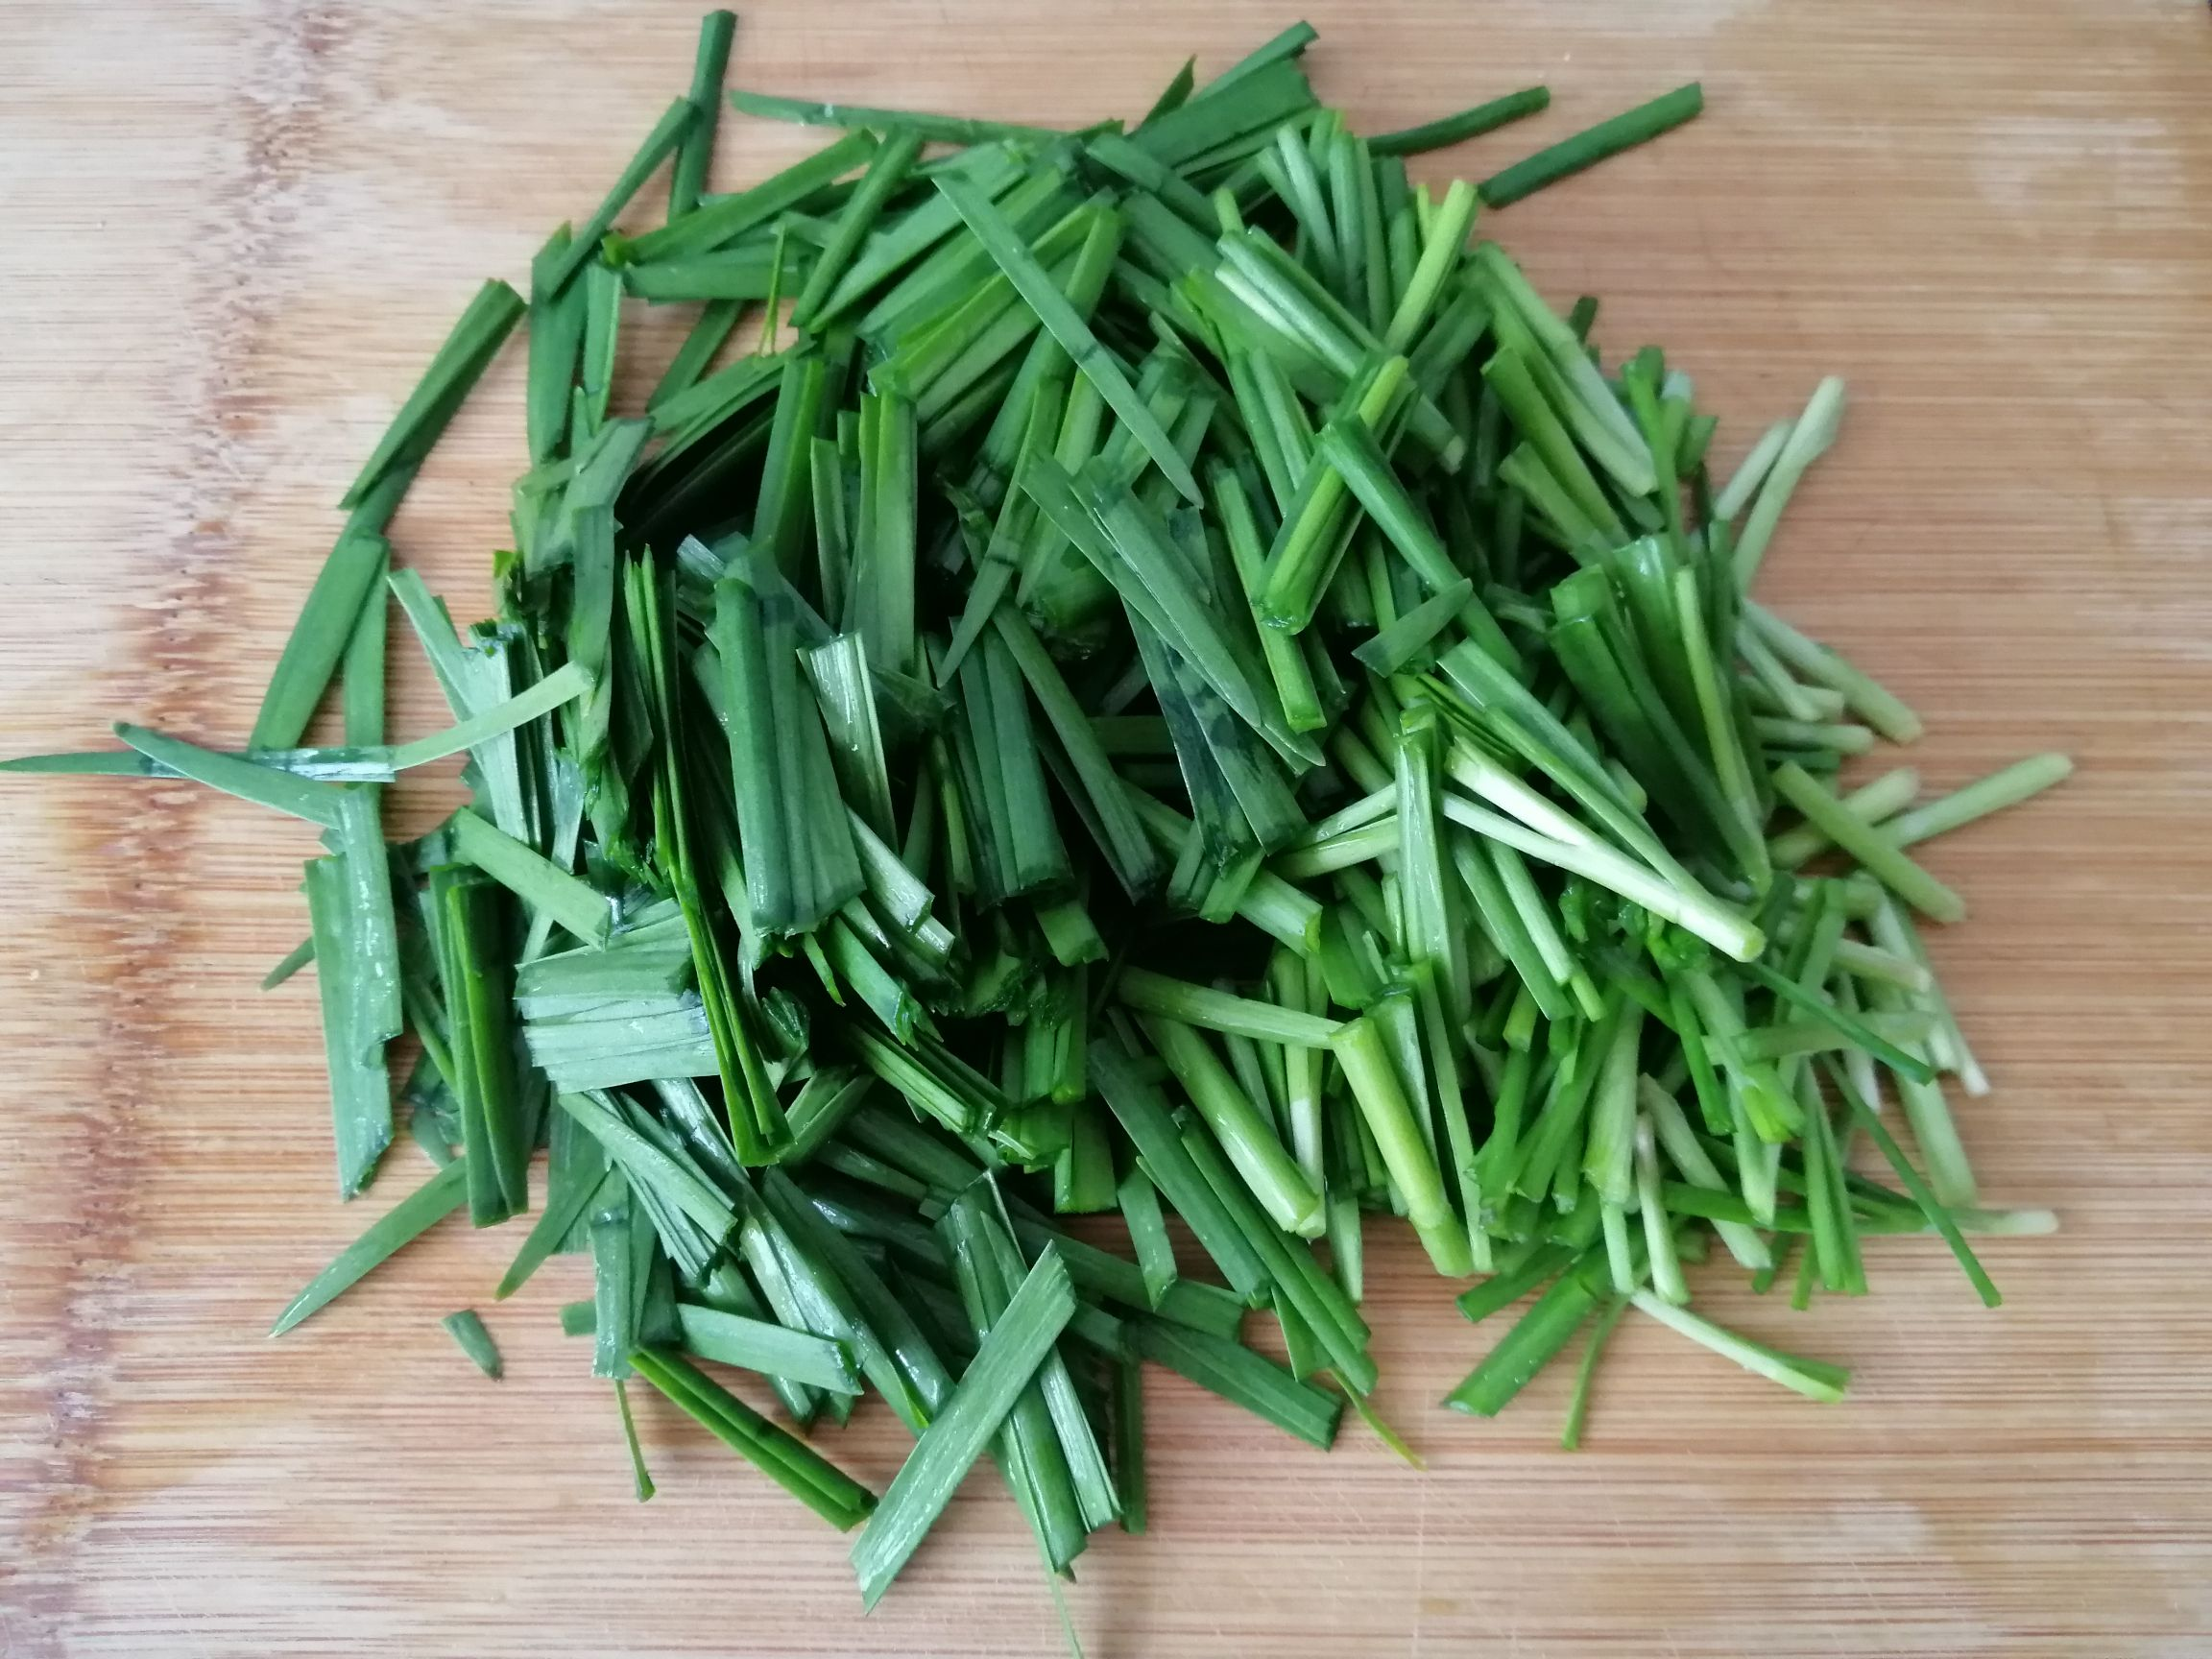 韭菜鸡蛋炒豆芽的做法大全